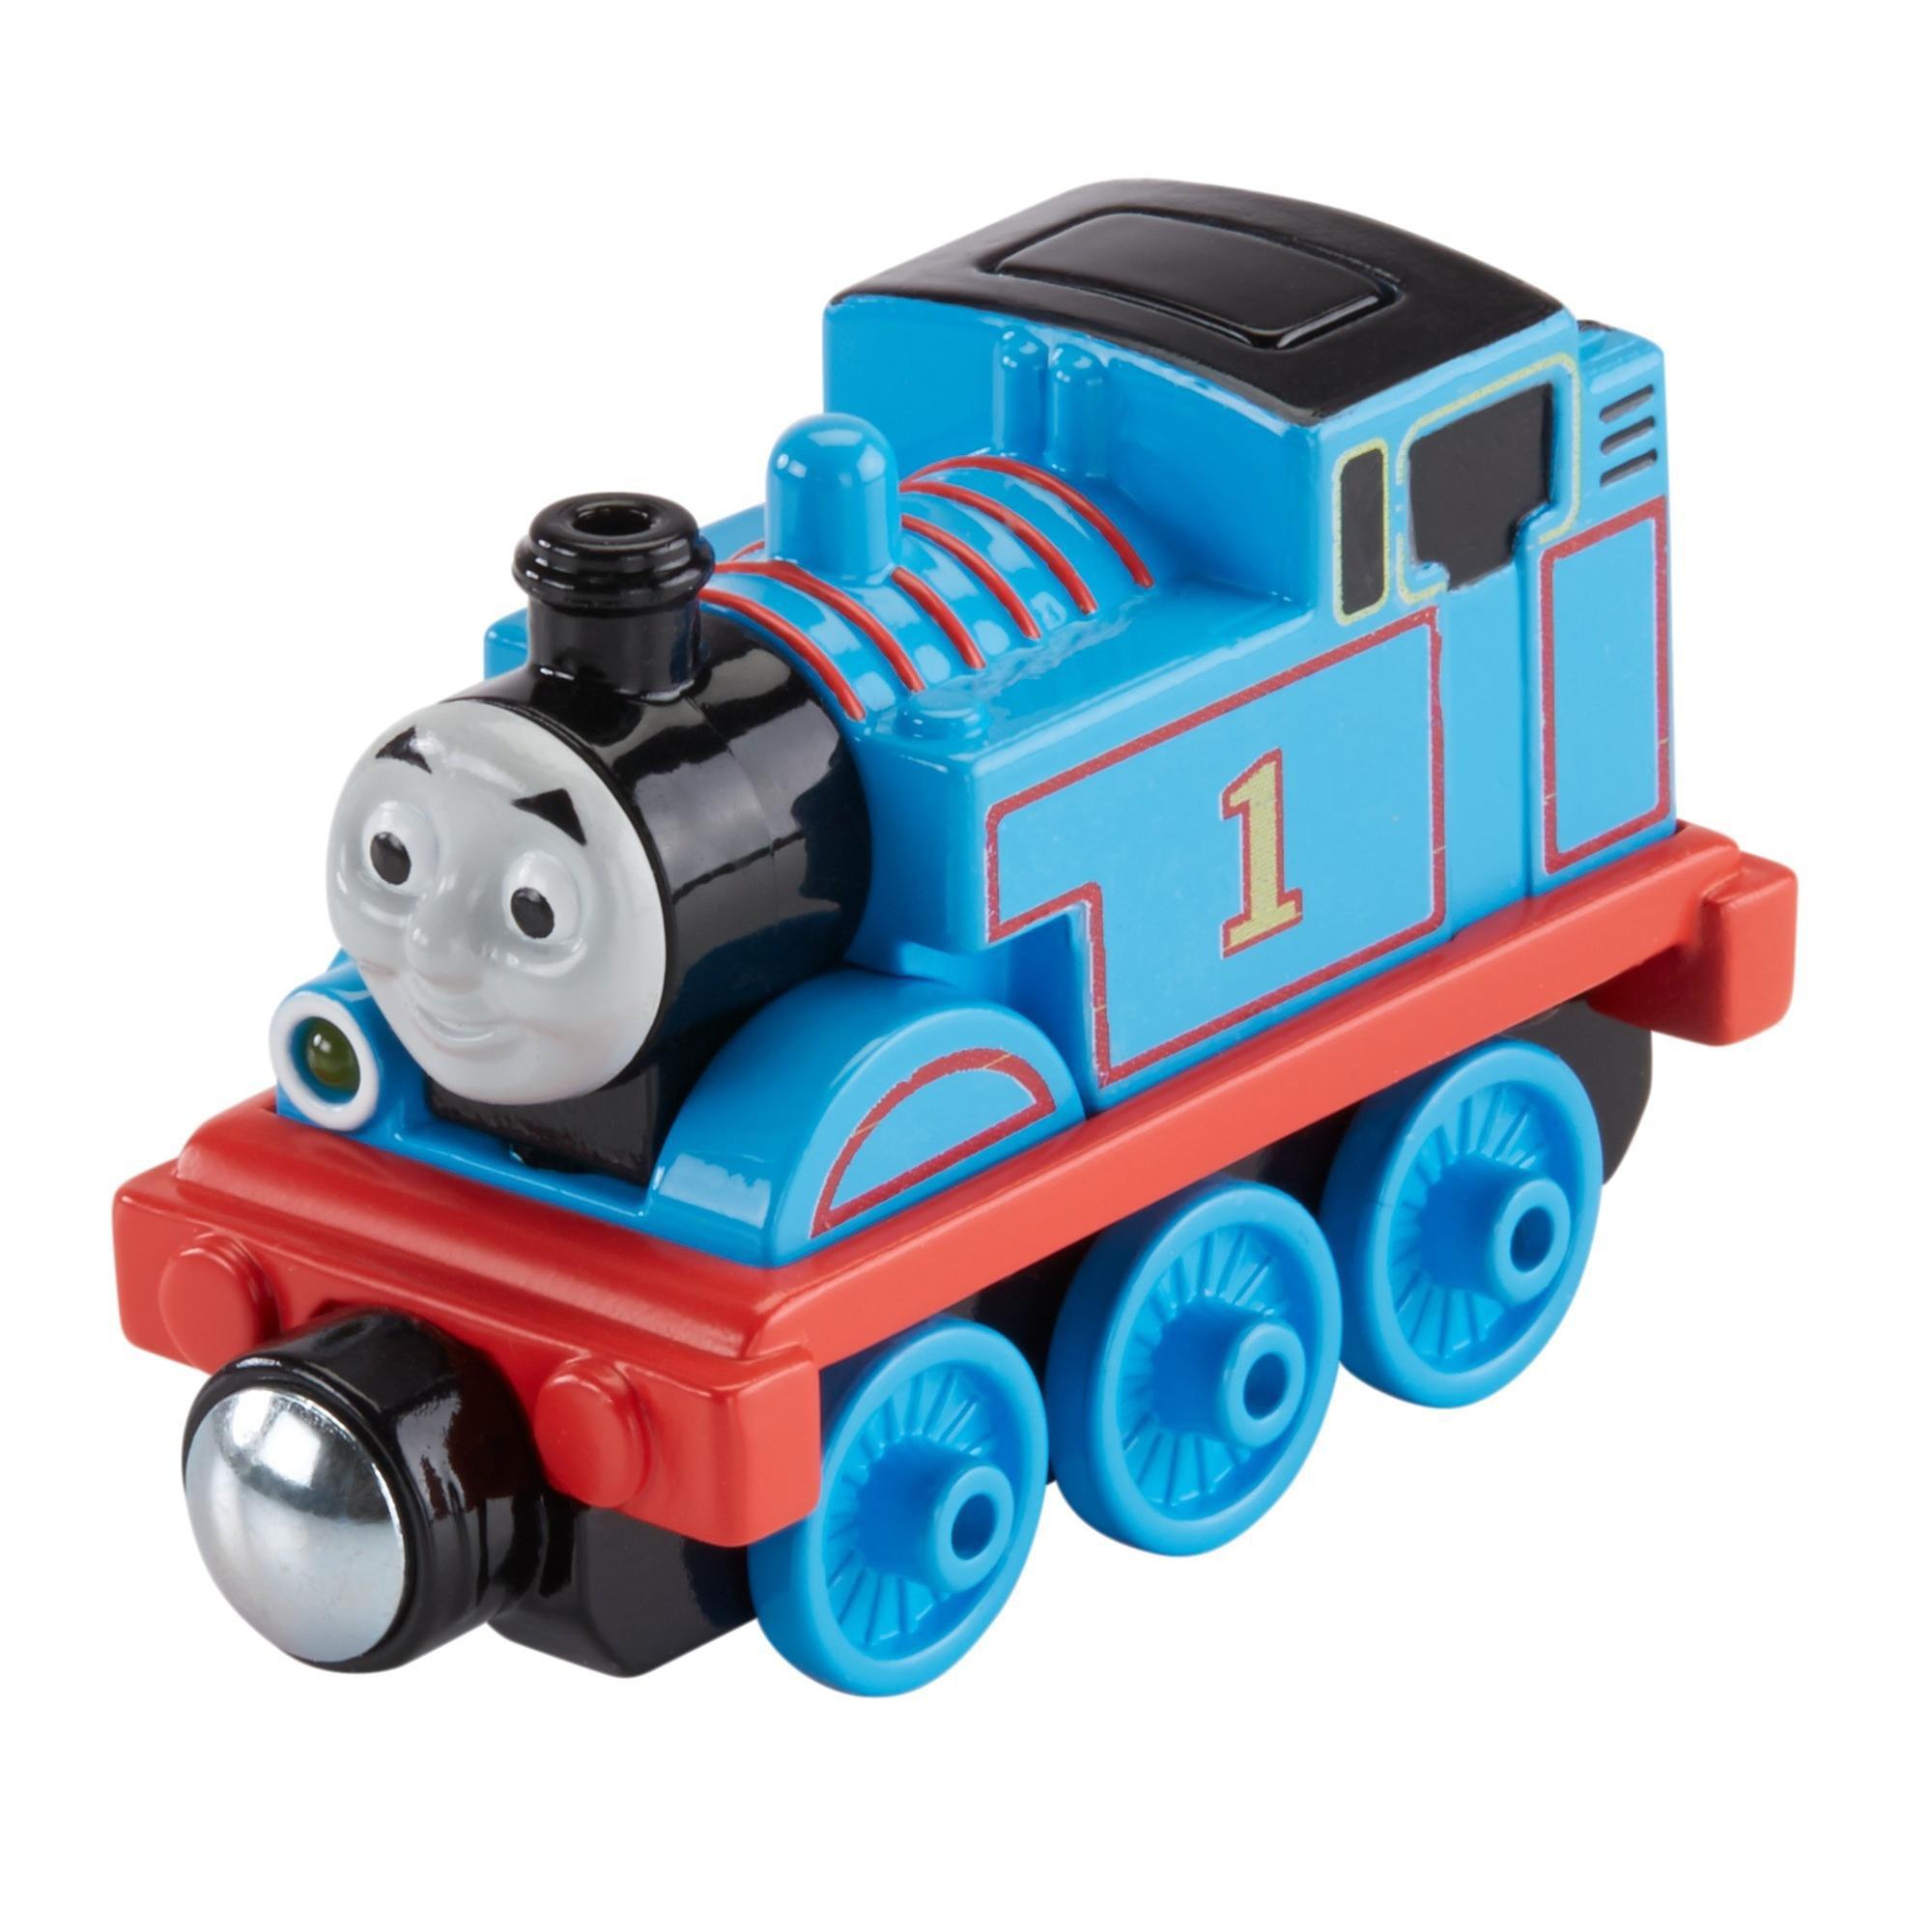 Thomas & Friends Take-n-Play Small Talking Thomas